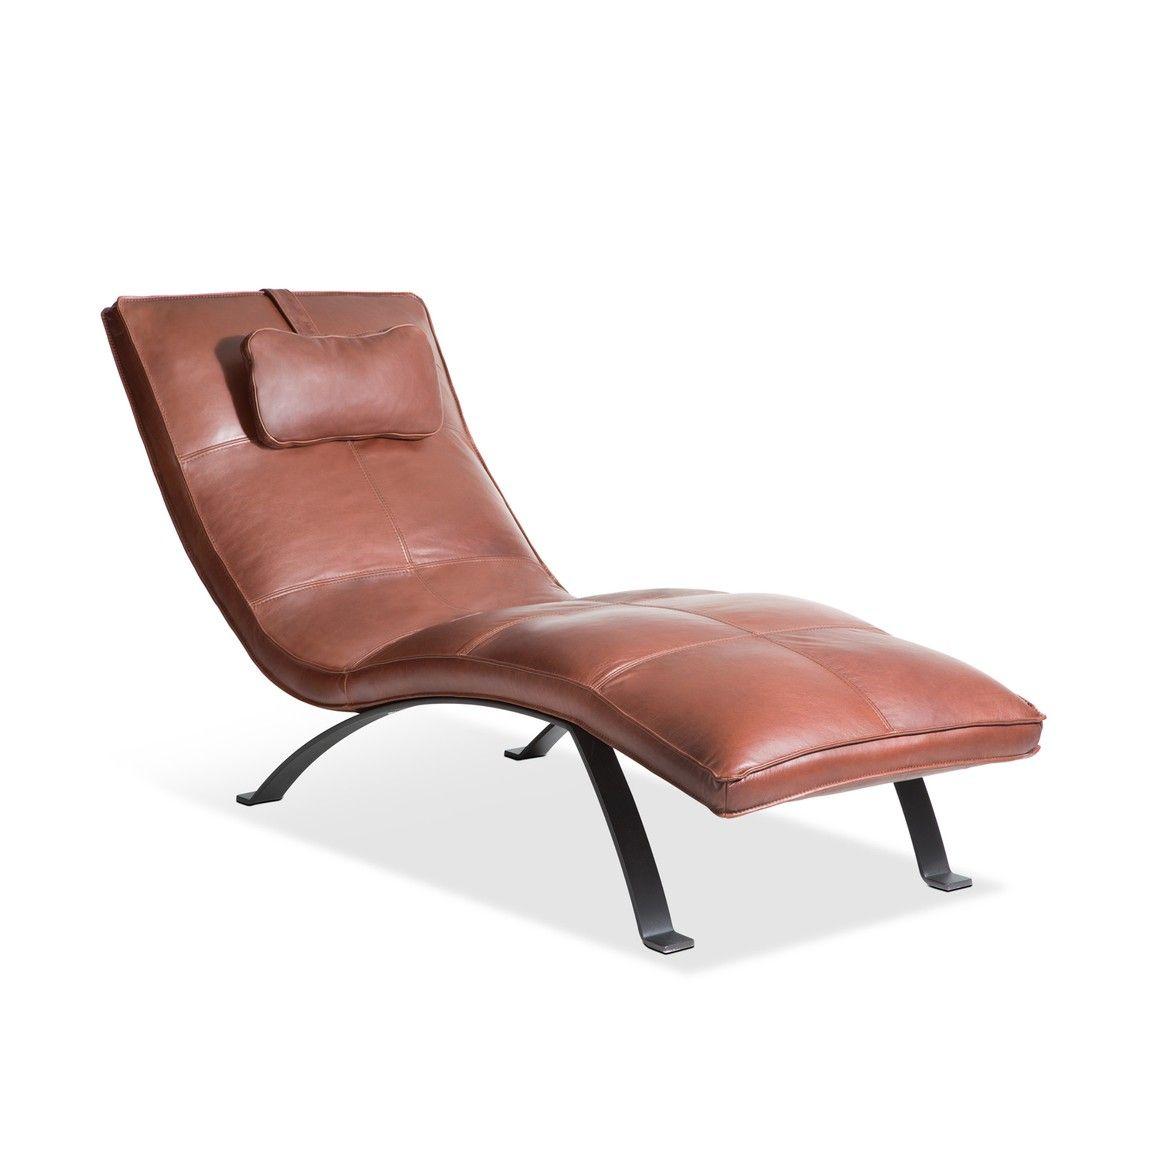 relaxliege braun aus anilinleder lio braun pulverbeschichtet 14897900 0 - Relaxliege Wohnzimmer Braun